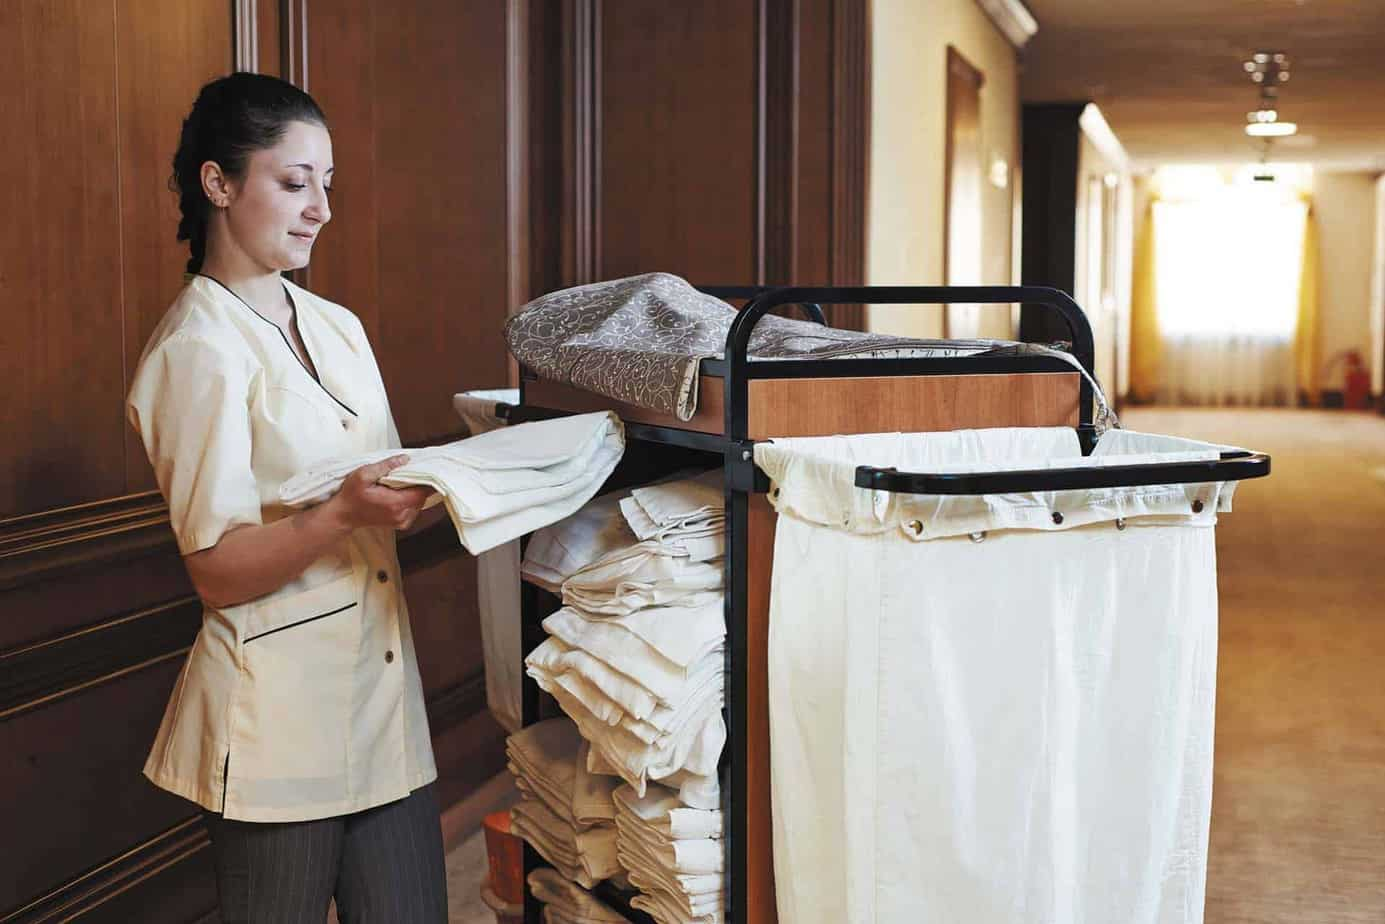 Housekeeping jobs Montreal